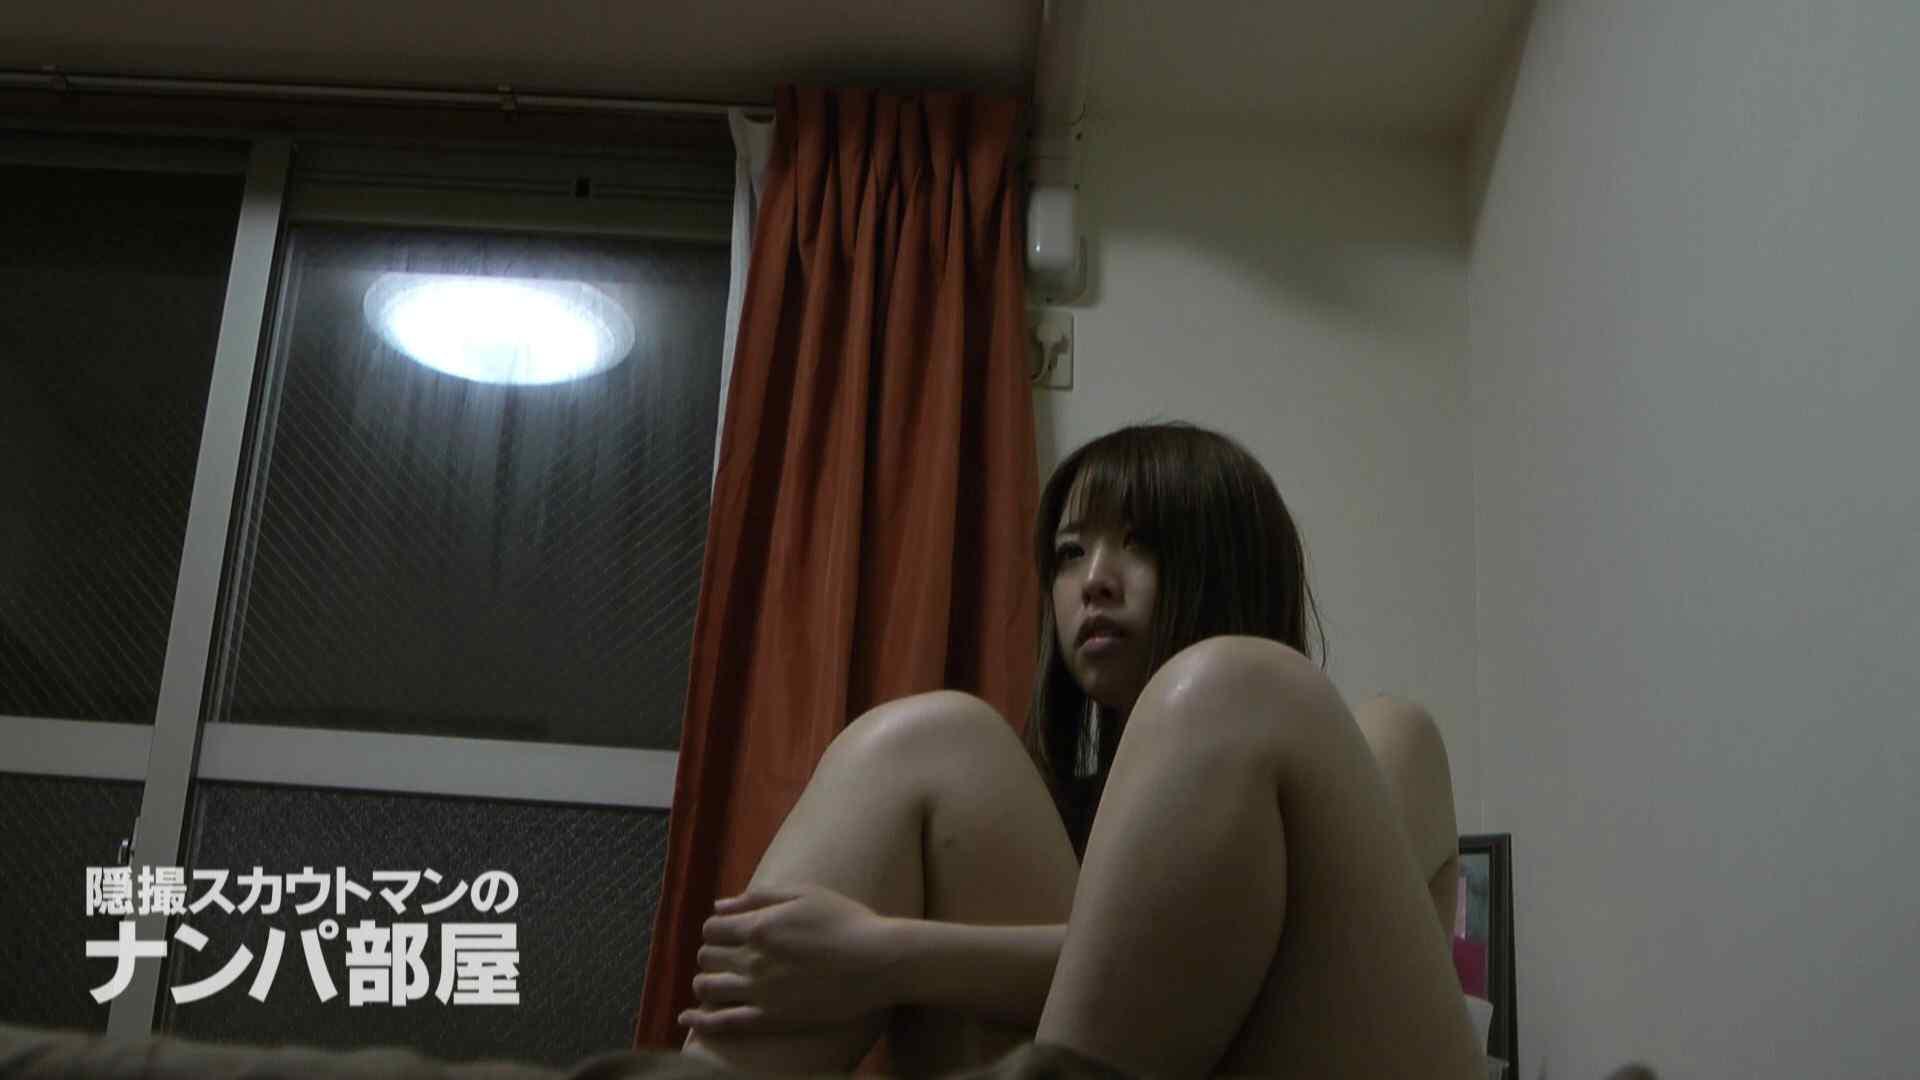 vol.2 kana エッチすぎるOL達 AV無料動画キャプチャ 75連発 14